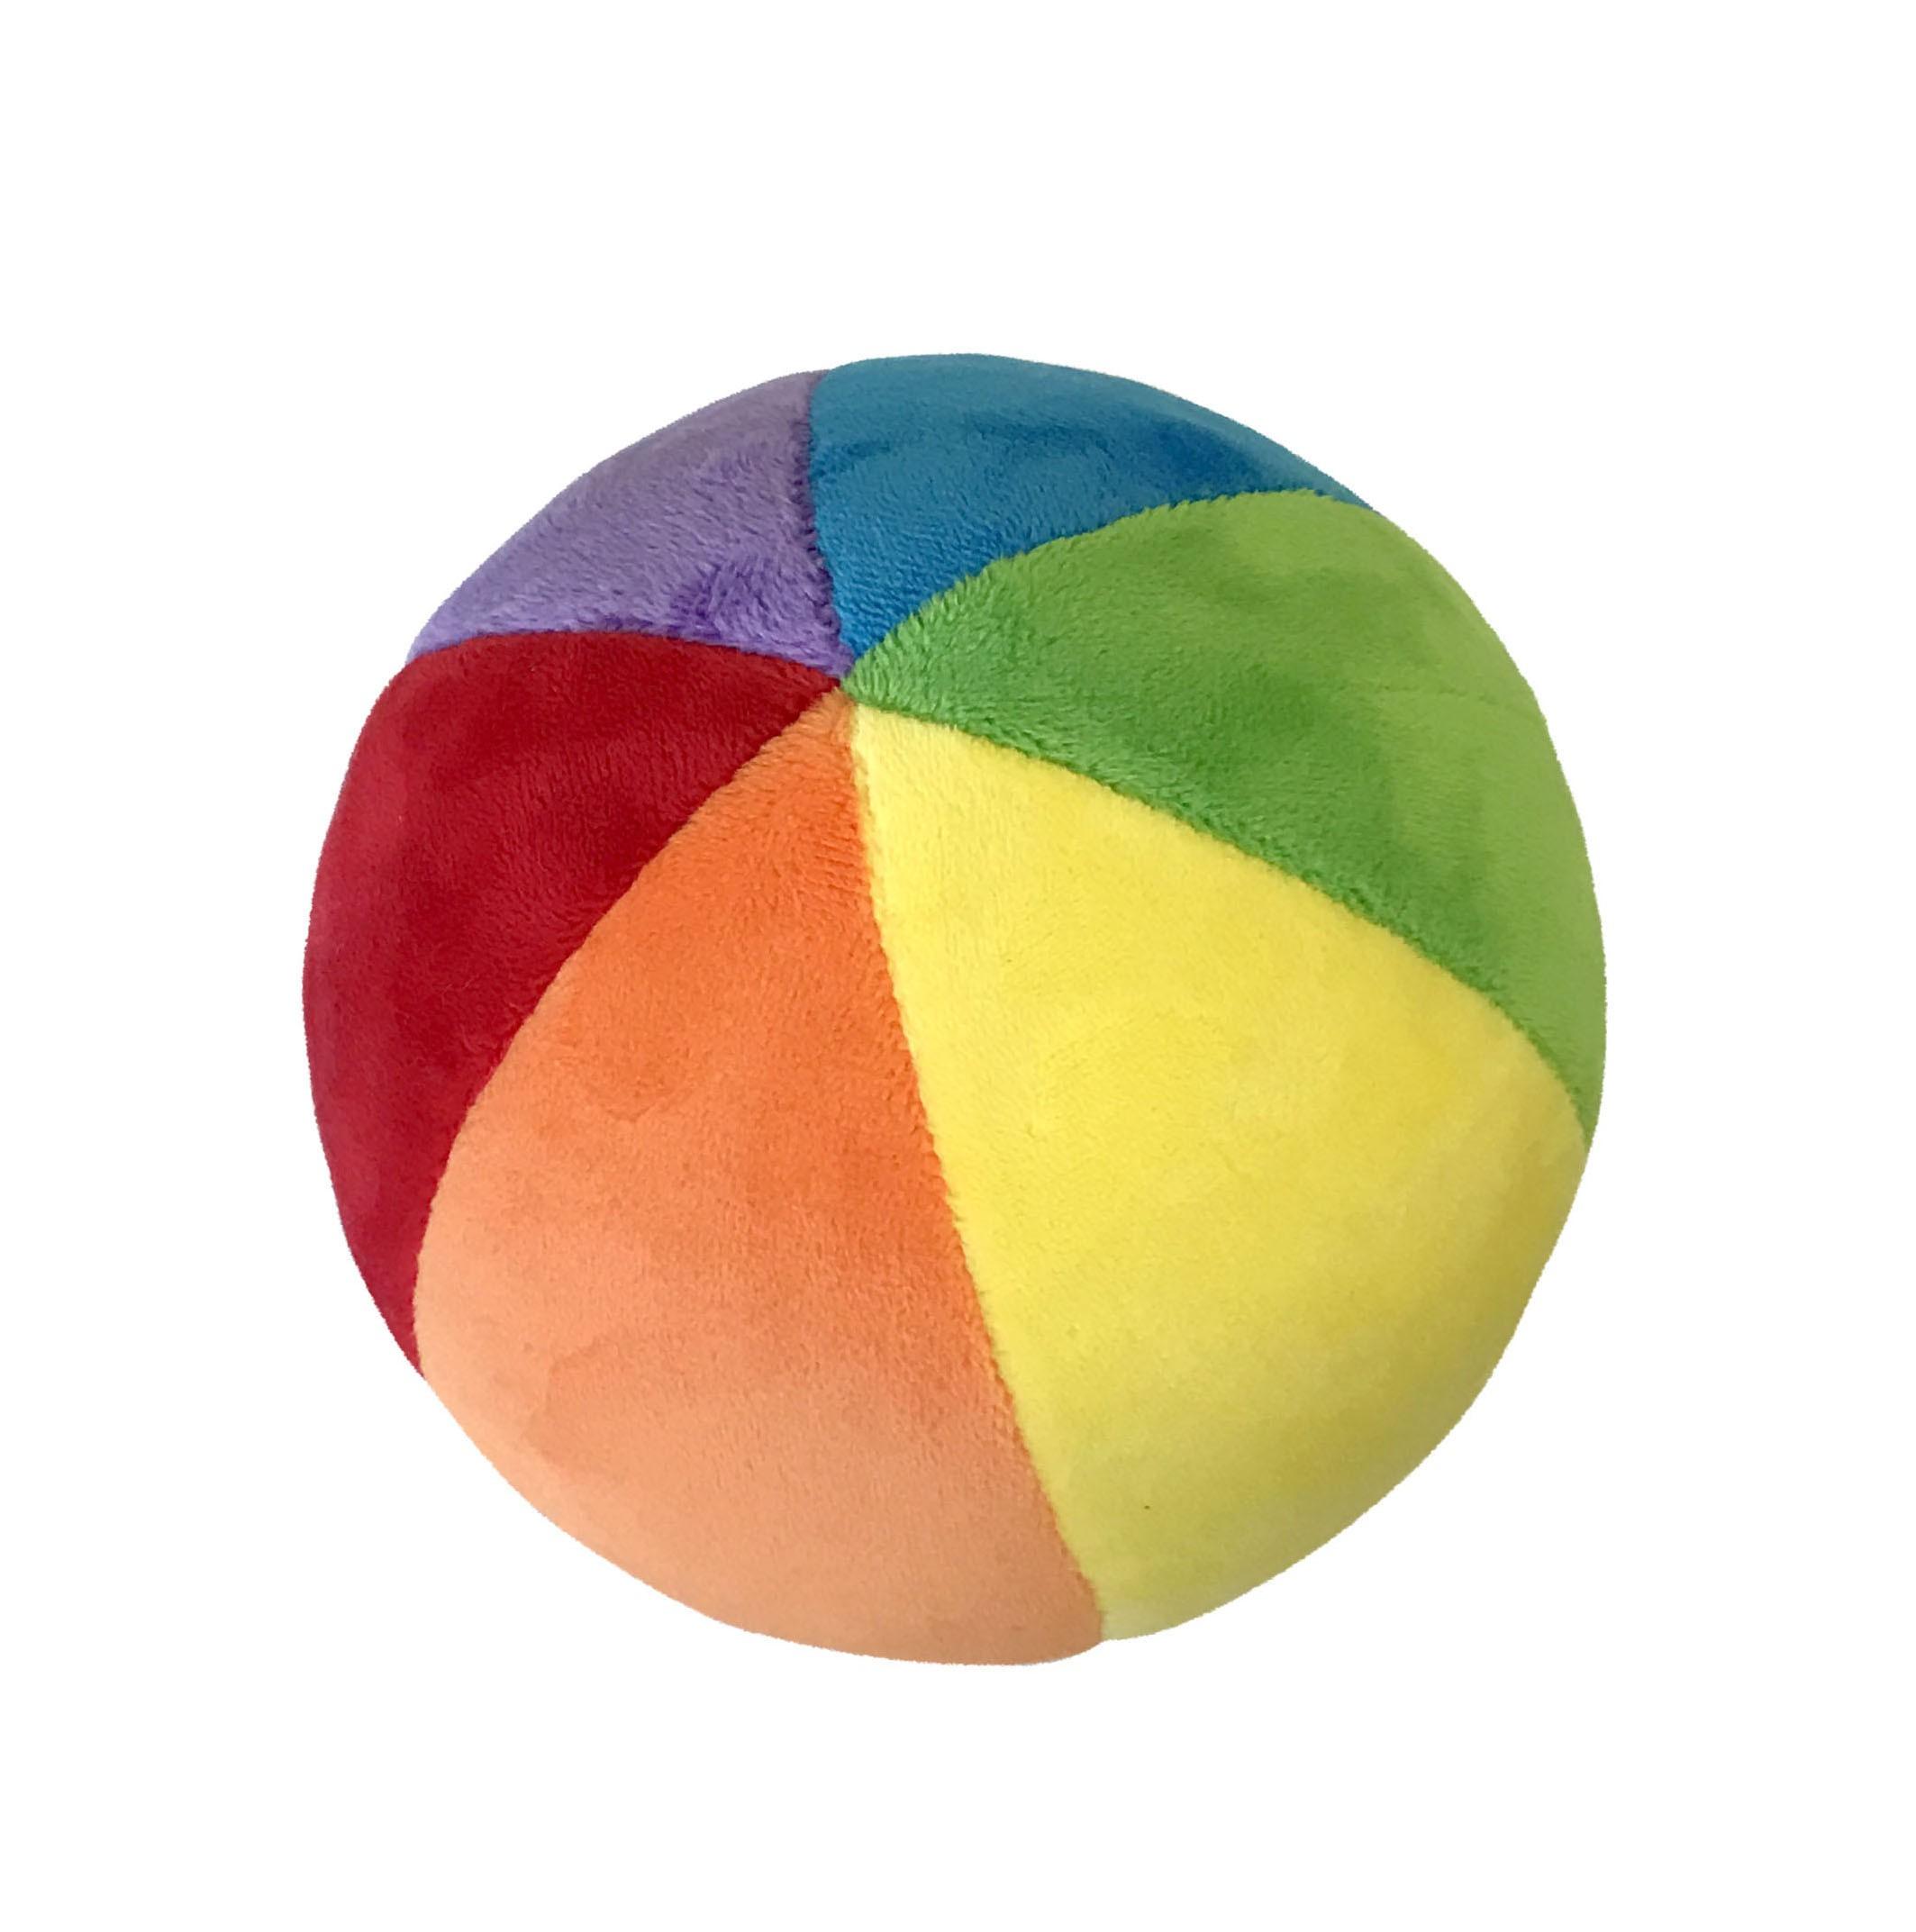 Bola Plush - com Guizo - Brinquedo para Bebê - Buba